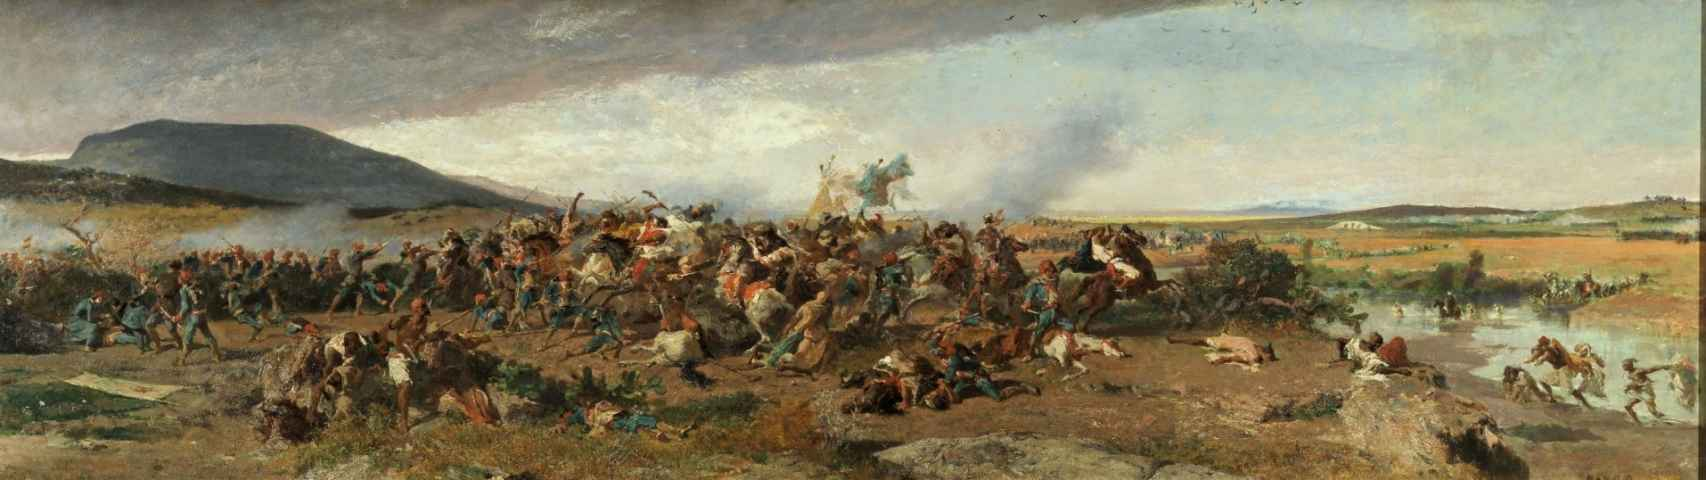 La Batalla de Wad-Rass, 1861.